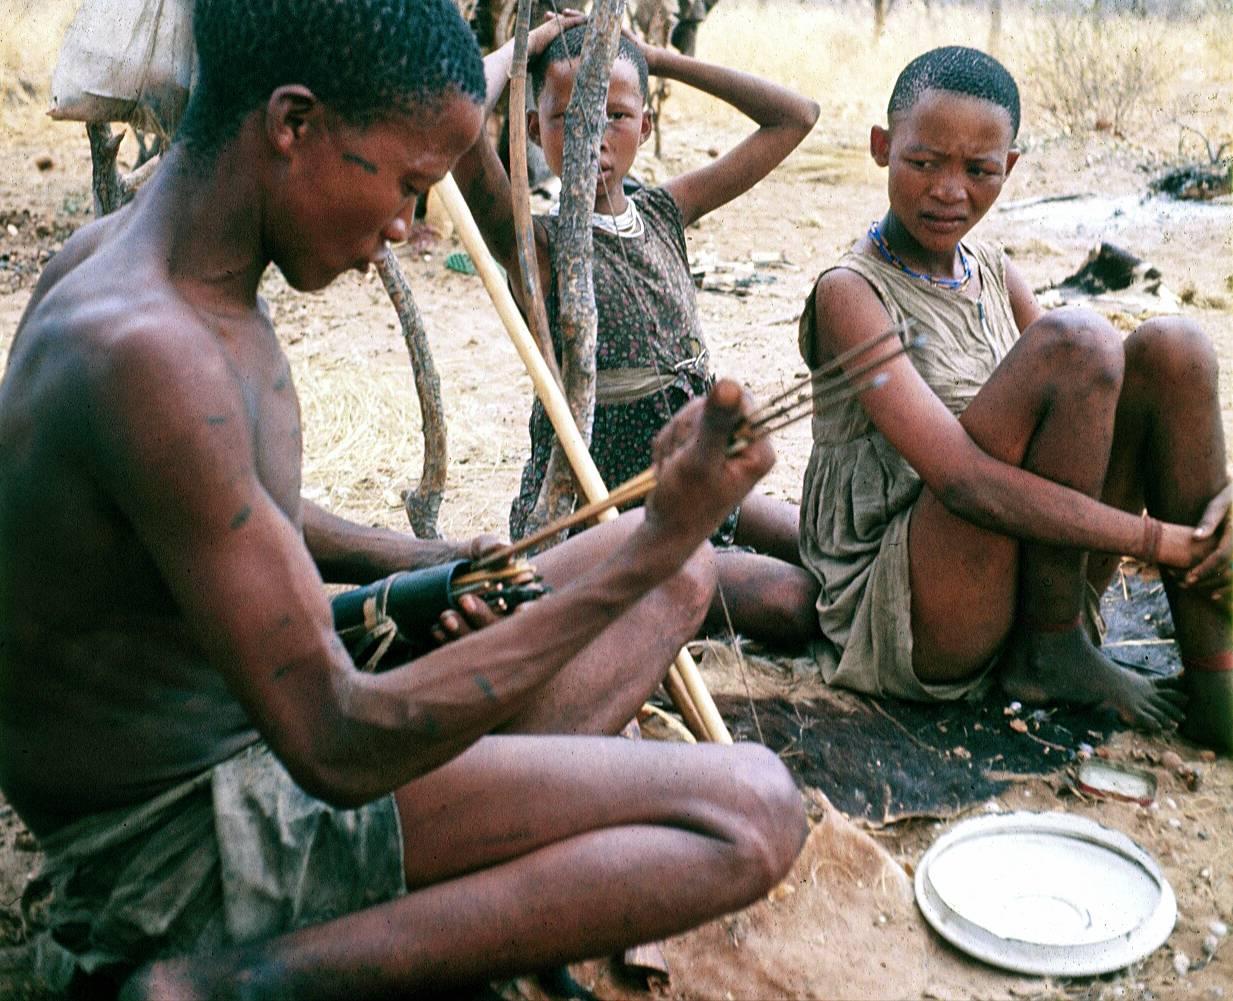 Bosquimanos ǃKung del Kalahari que han sido objeto de la investigación antropológica. / Polly Wiessner